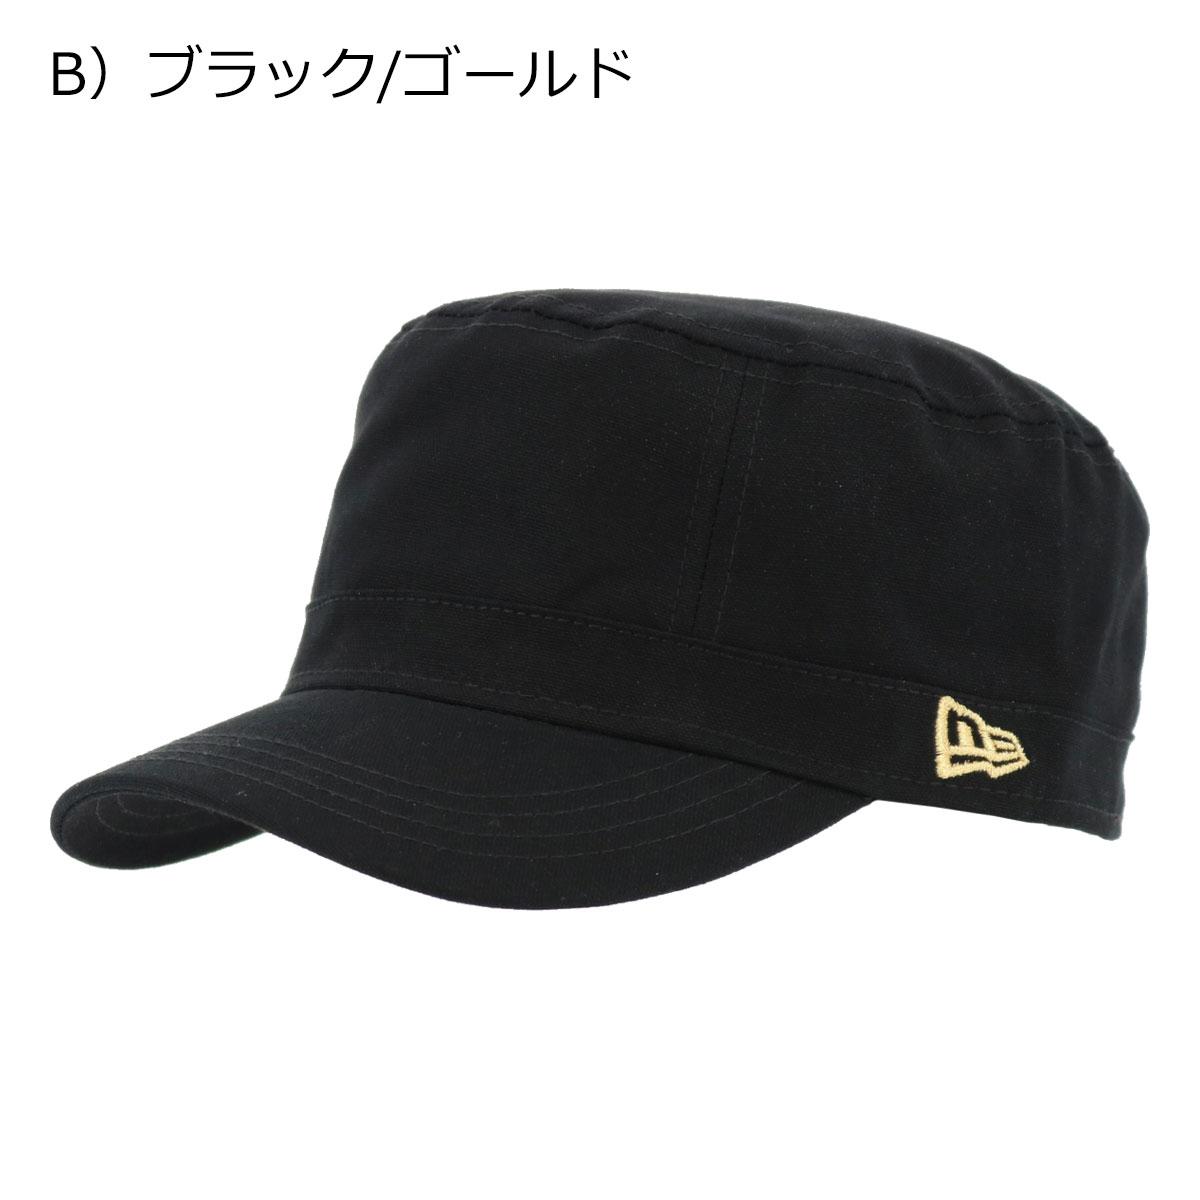 B)ブラック/ゴールド